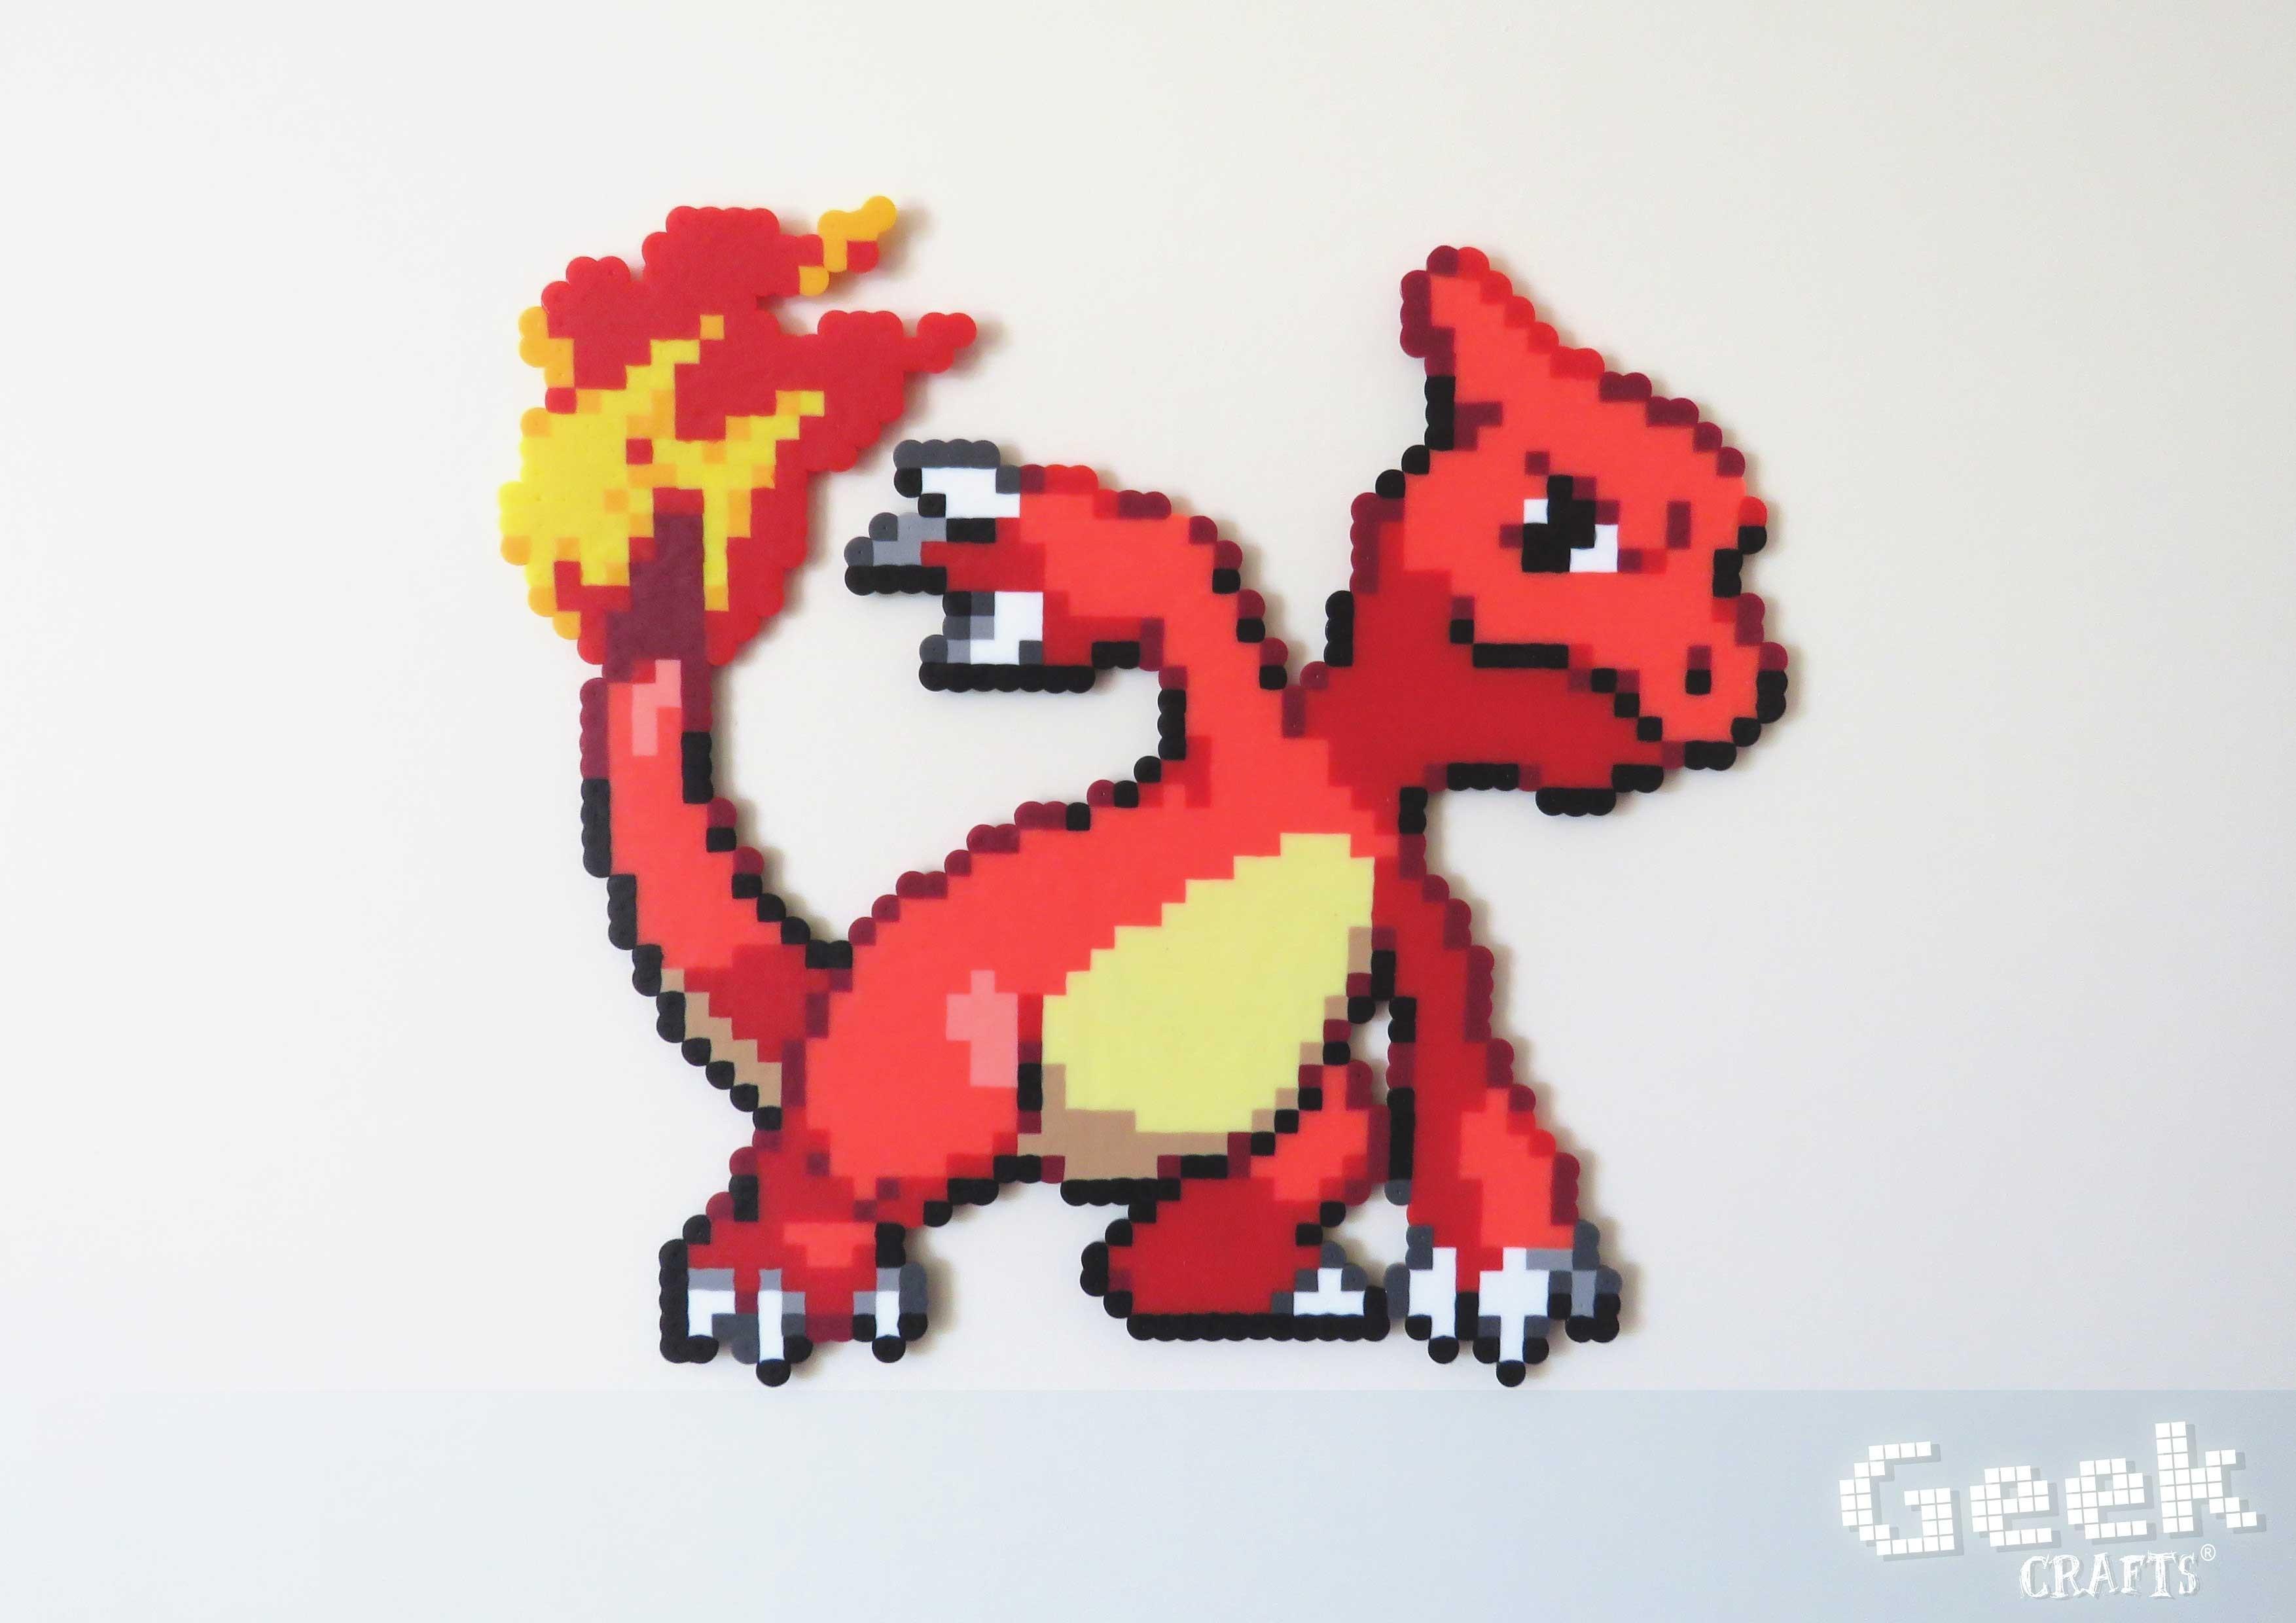 Reptincel Pixel Art